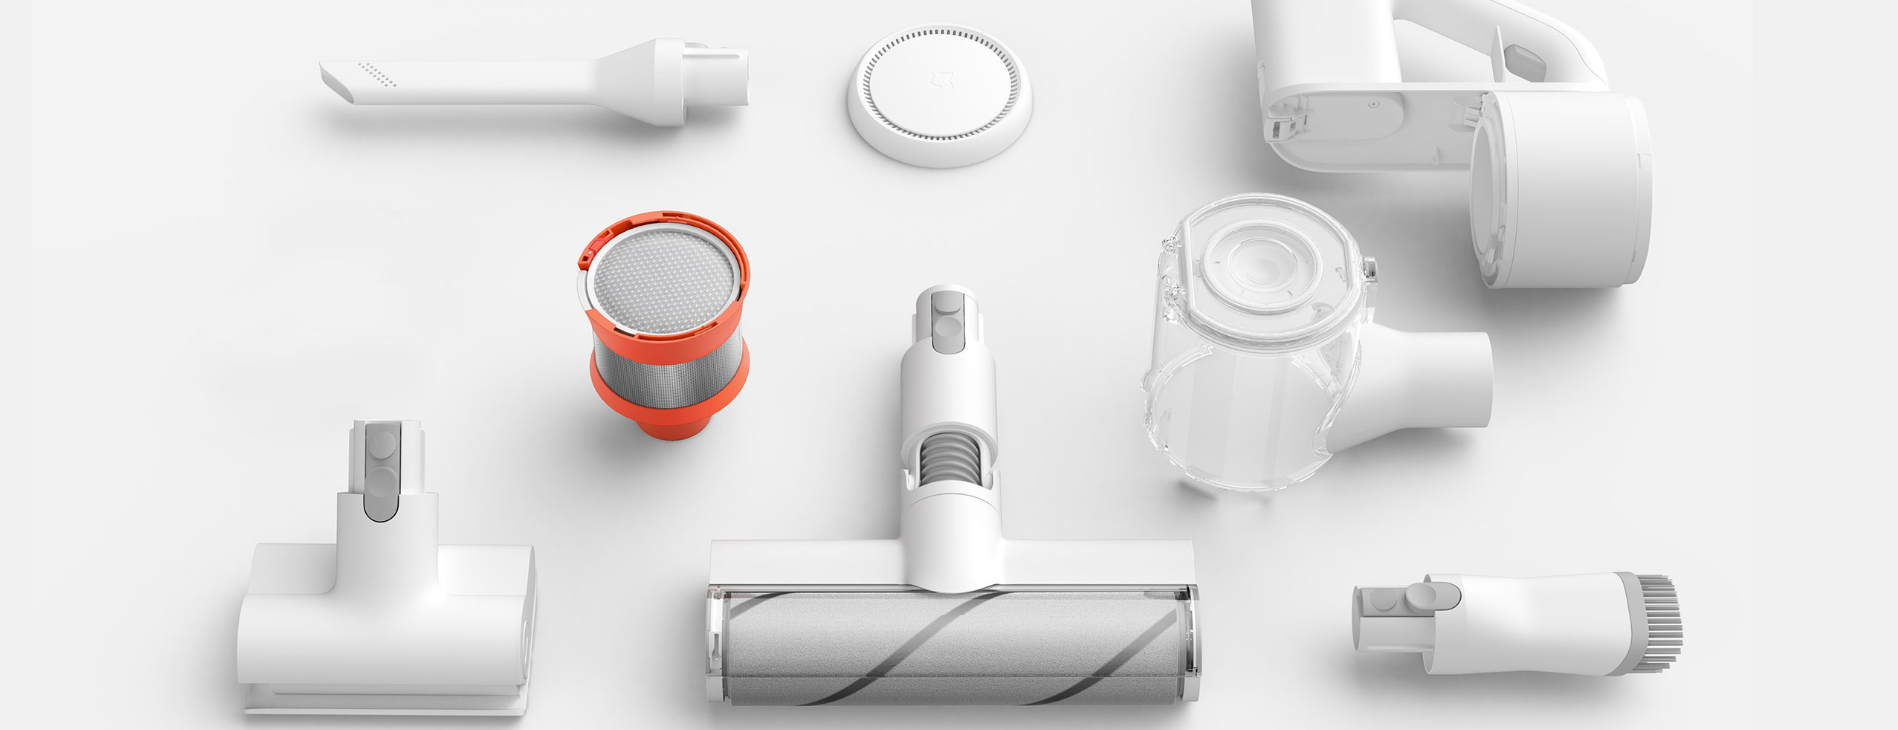 Xiaomi Mi Handheld állóporszívó teszt 15